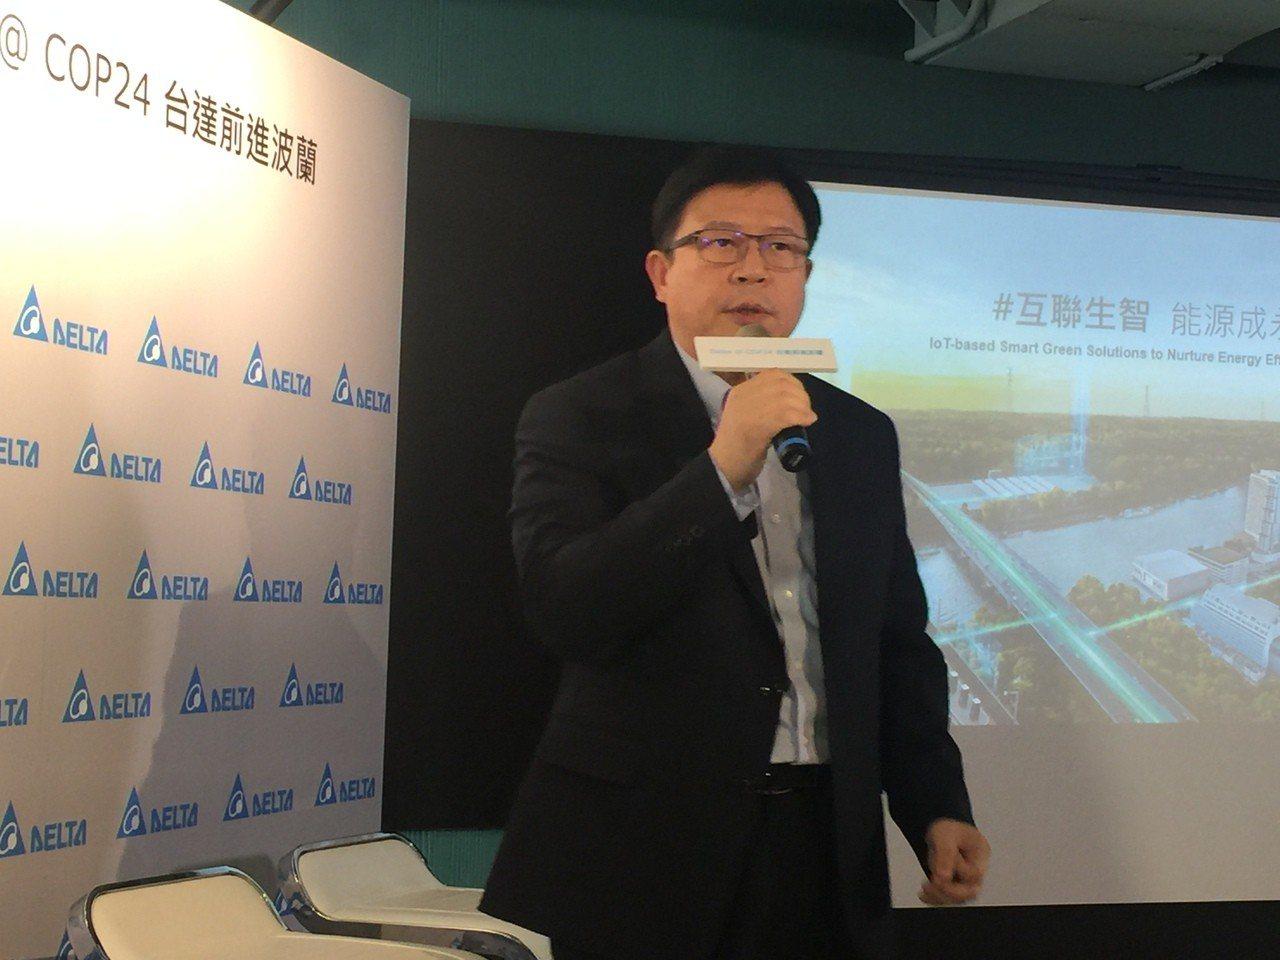 台達電資深副總裁暨資通訊基礎設施事業群總經理鄭安將代表台達在COP24參與永續創...